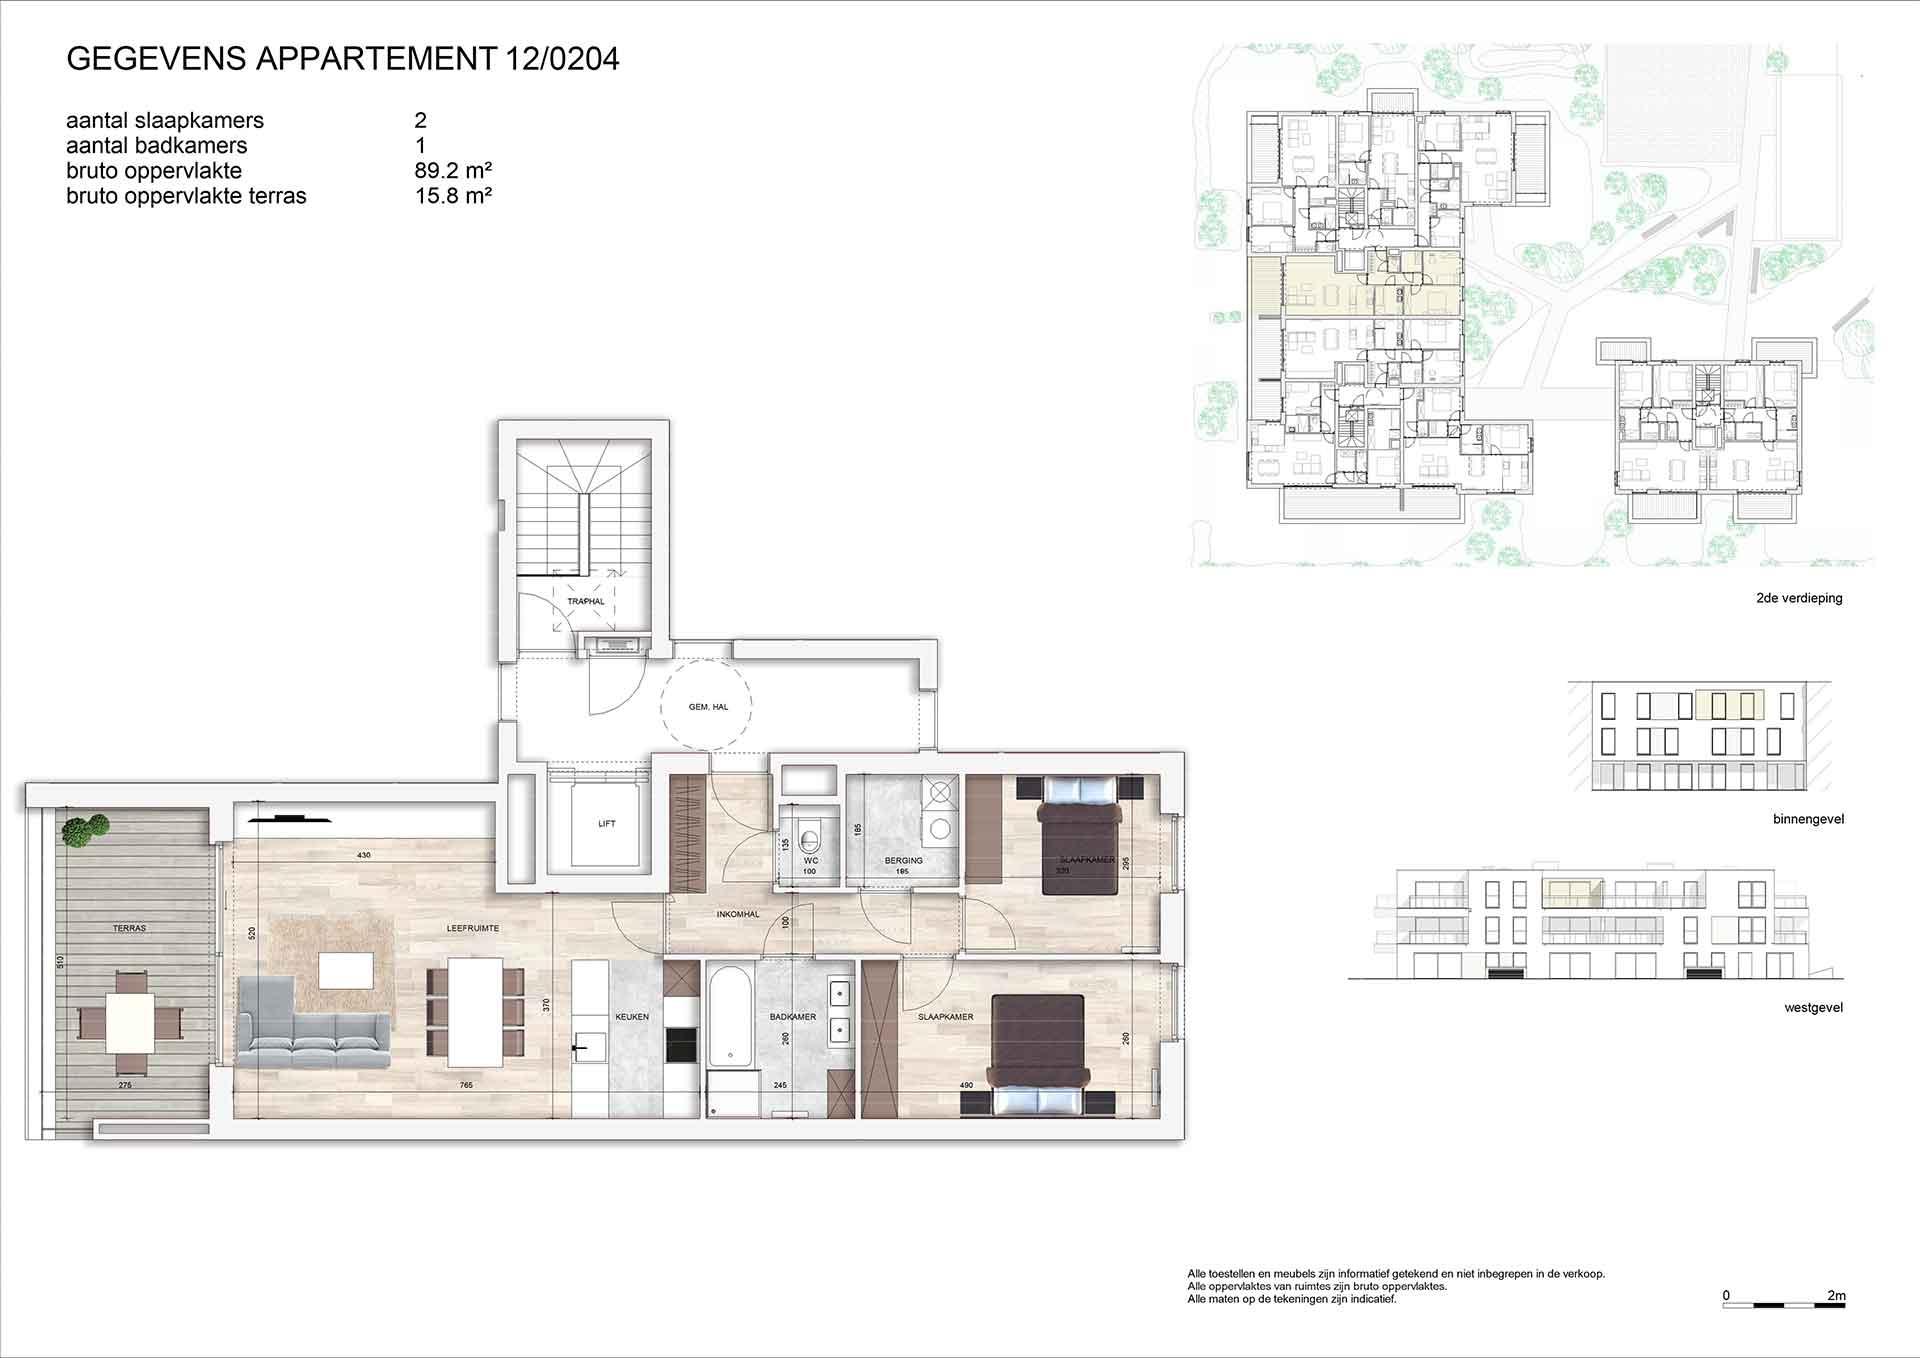 Villa<br/> Duchamp - image appartement-te-koop-nieuwpoort-villa-duchamp-120204 on https://hoprom.be